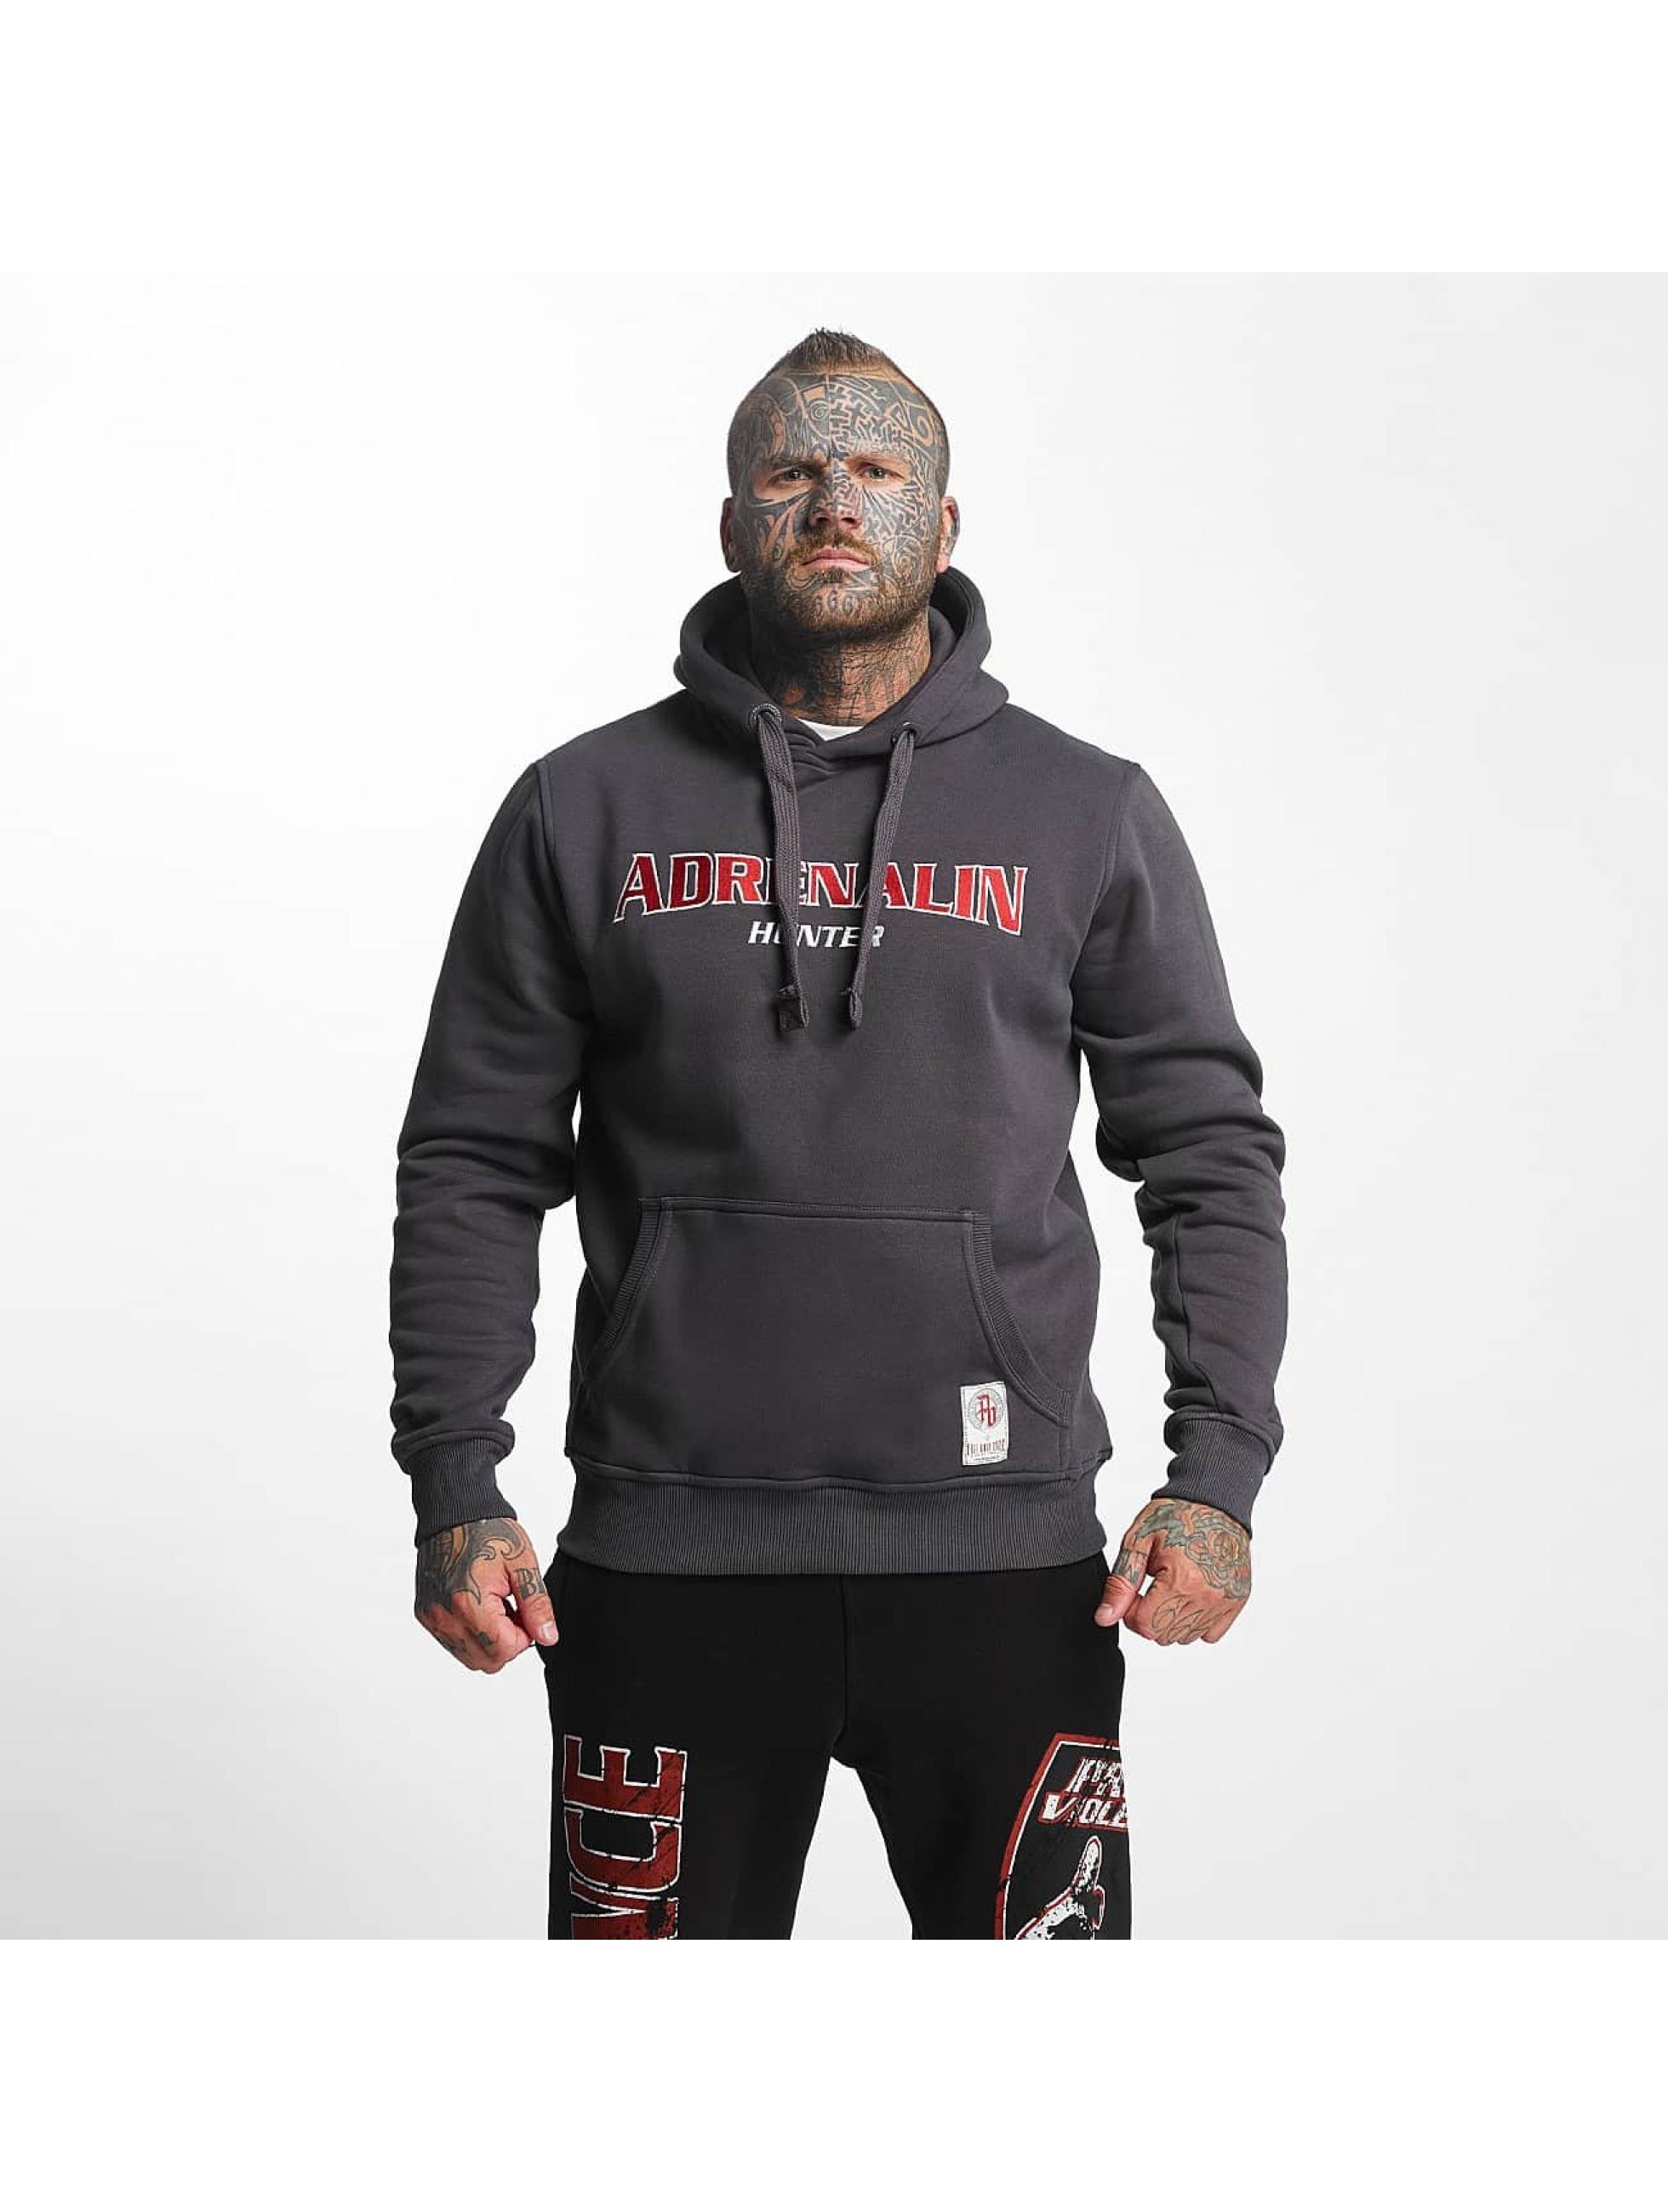 Pro Violence Streetwear Hoodie Adrenlin Hunter gray